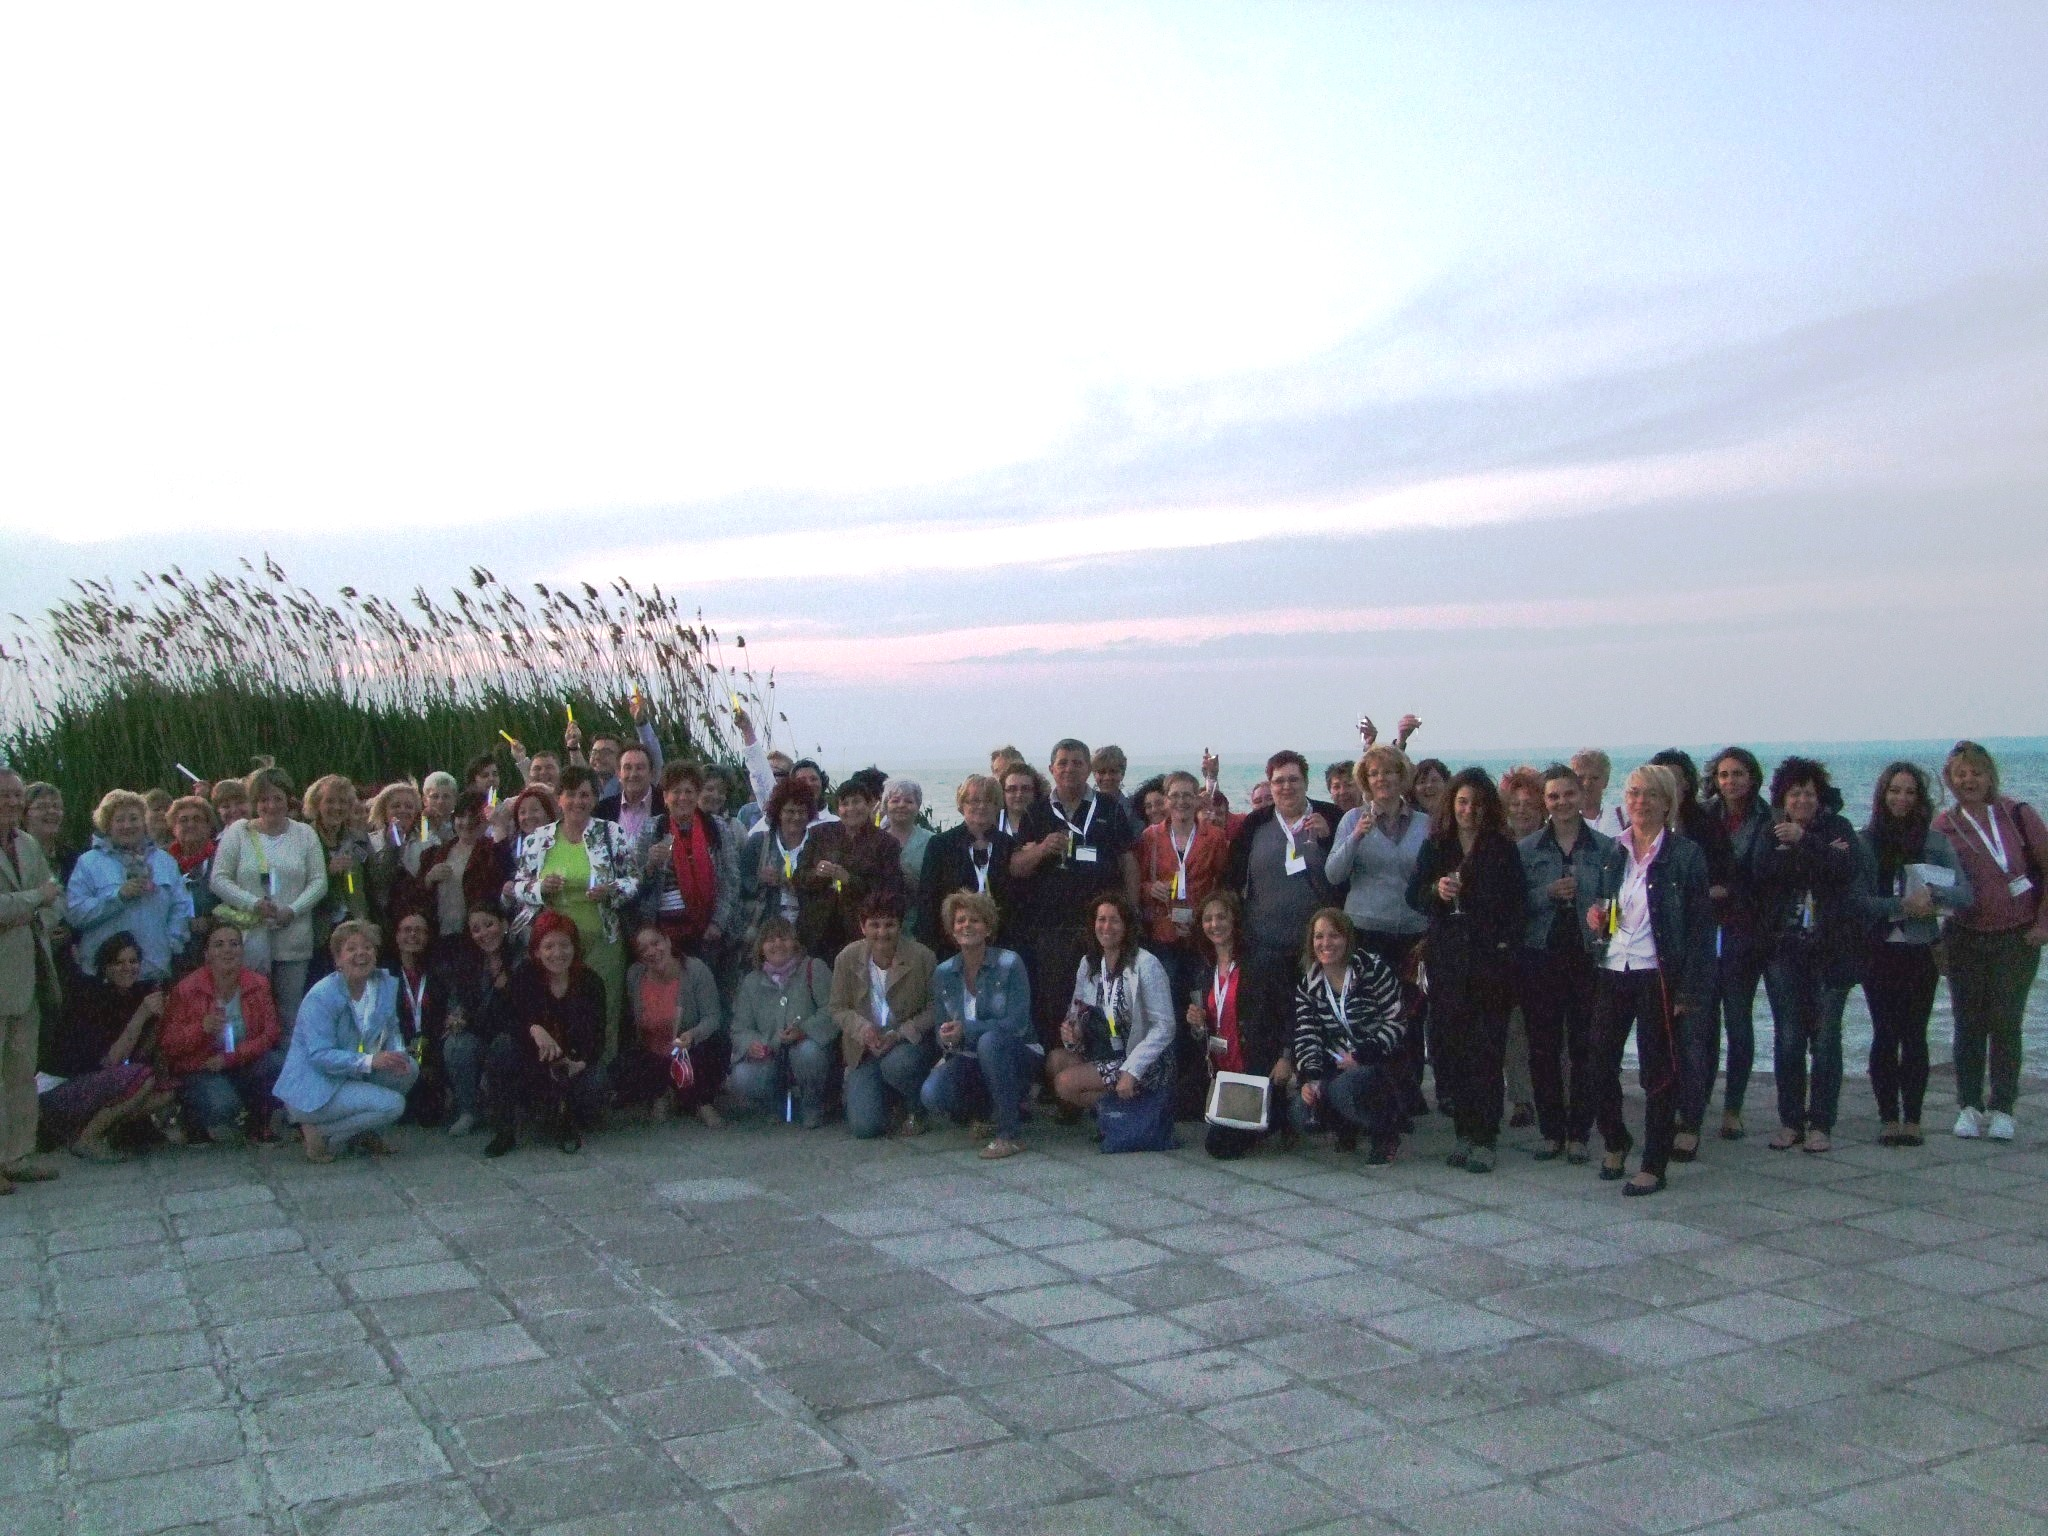 Kékgolyó Napok 2015 – Országos Onkológiai Szakdolgozói Továbbképző Konferencia és Kiállítás